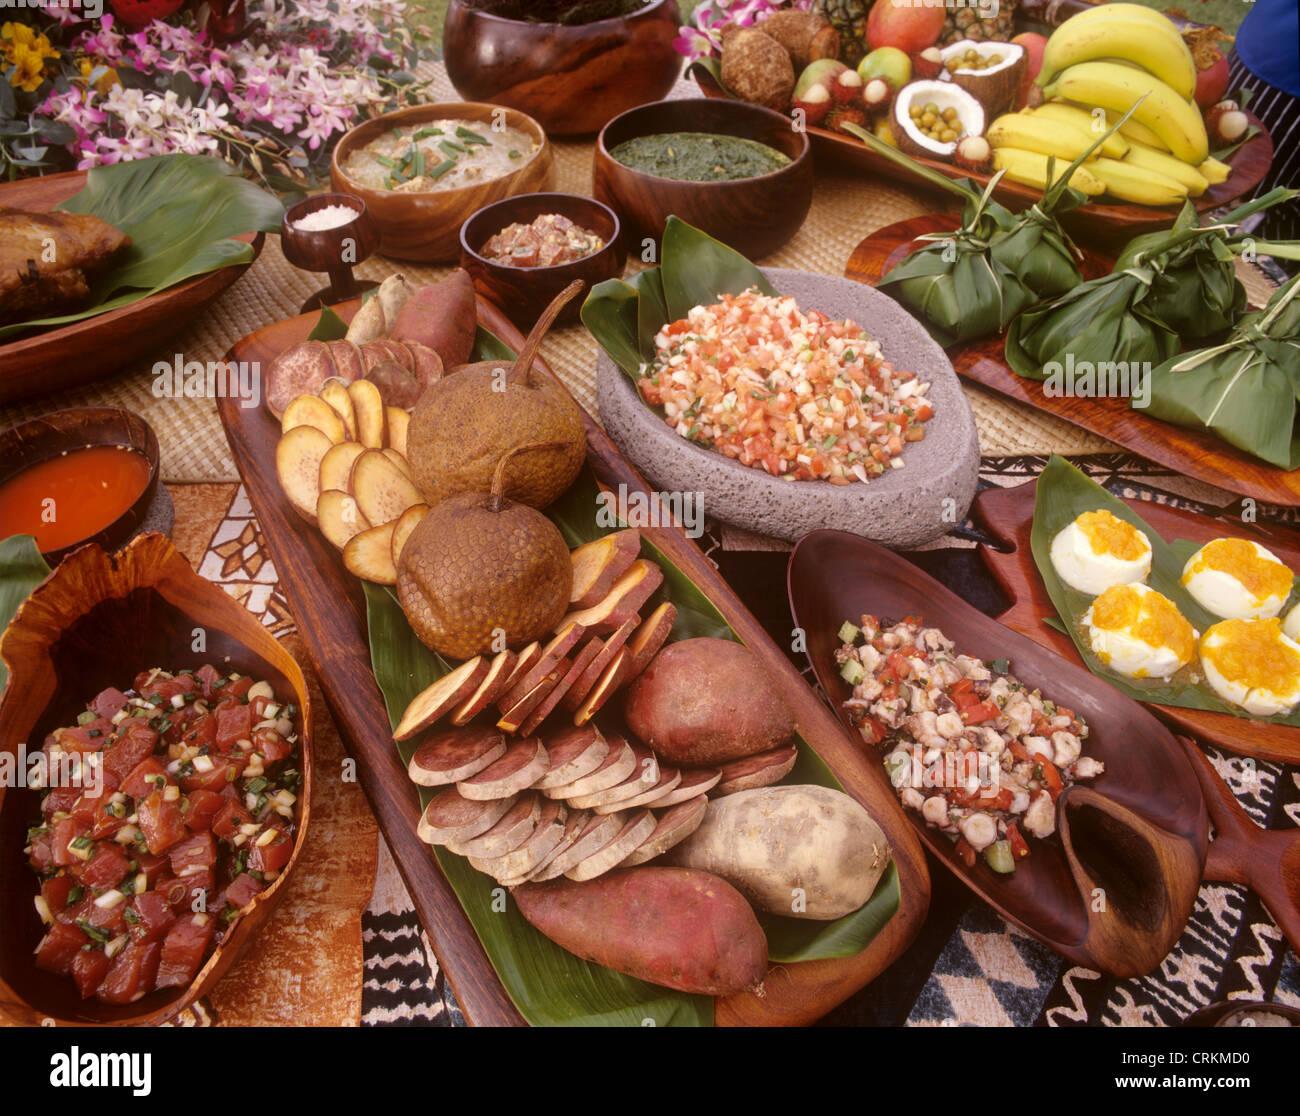 Hawaiian Luau Food Stockfotos & Hawaiian Luau Food Bilder - Alamy